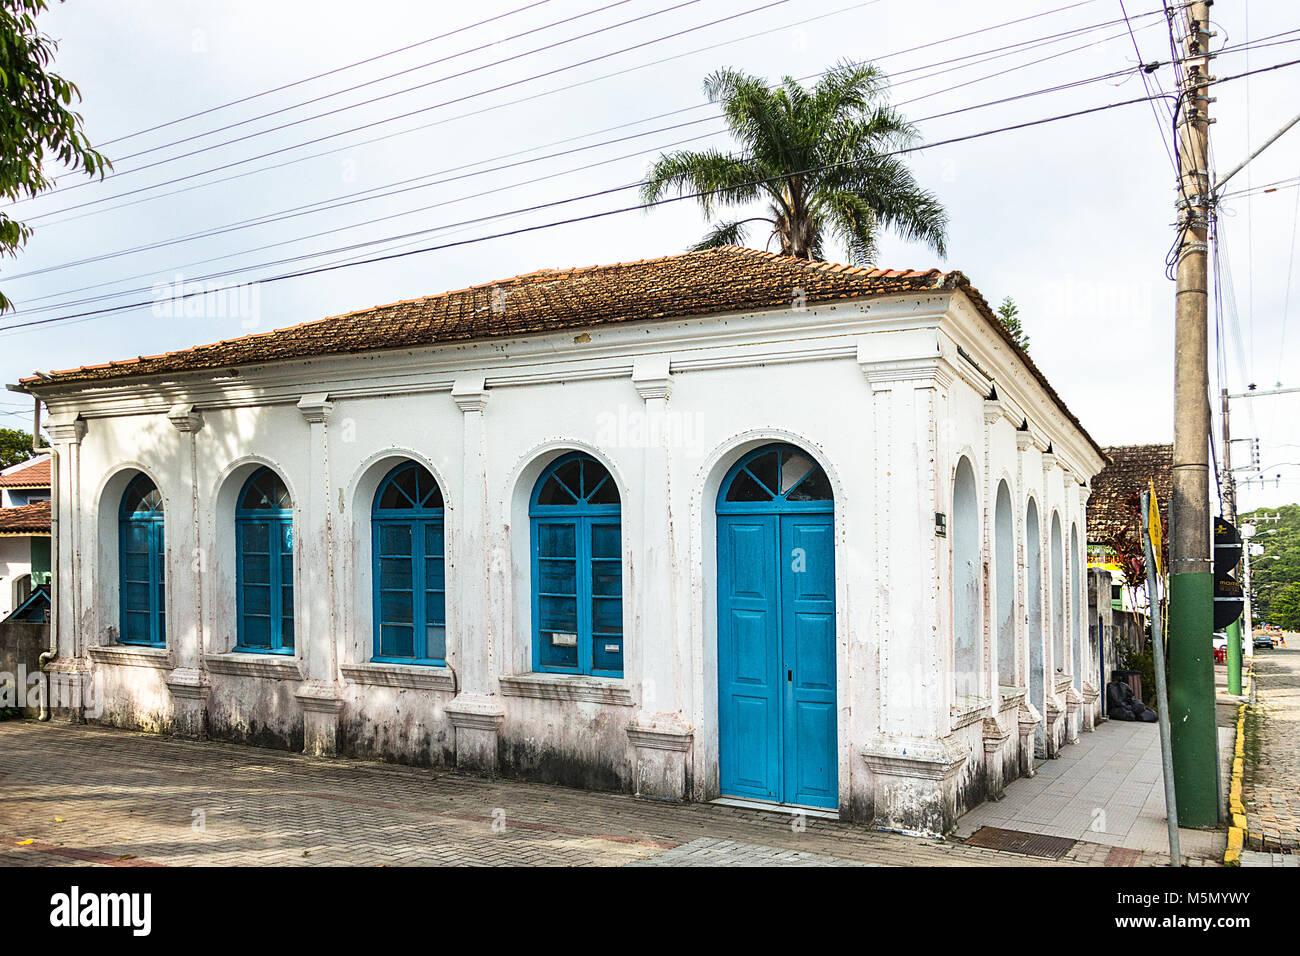 Porto Belo, Santa Catarina, Brazil - February 20th, 2018: Facade of the Casa Dr. Frederico Scheffler, built in 1902 - Stock Image